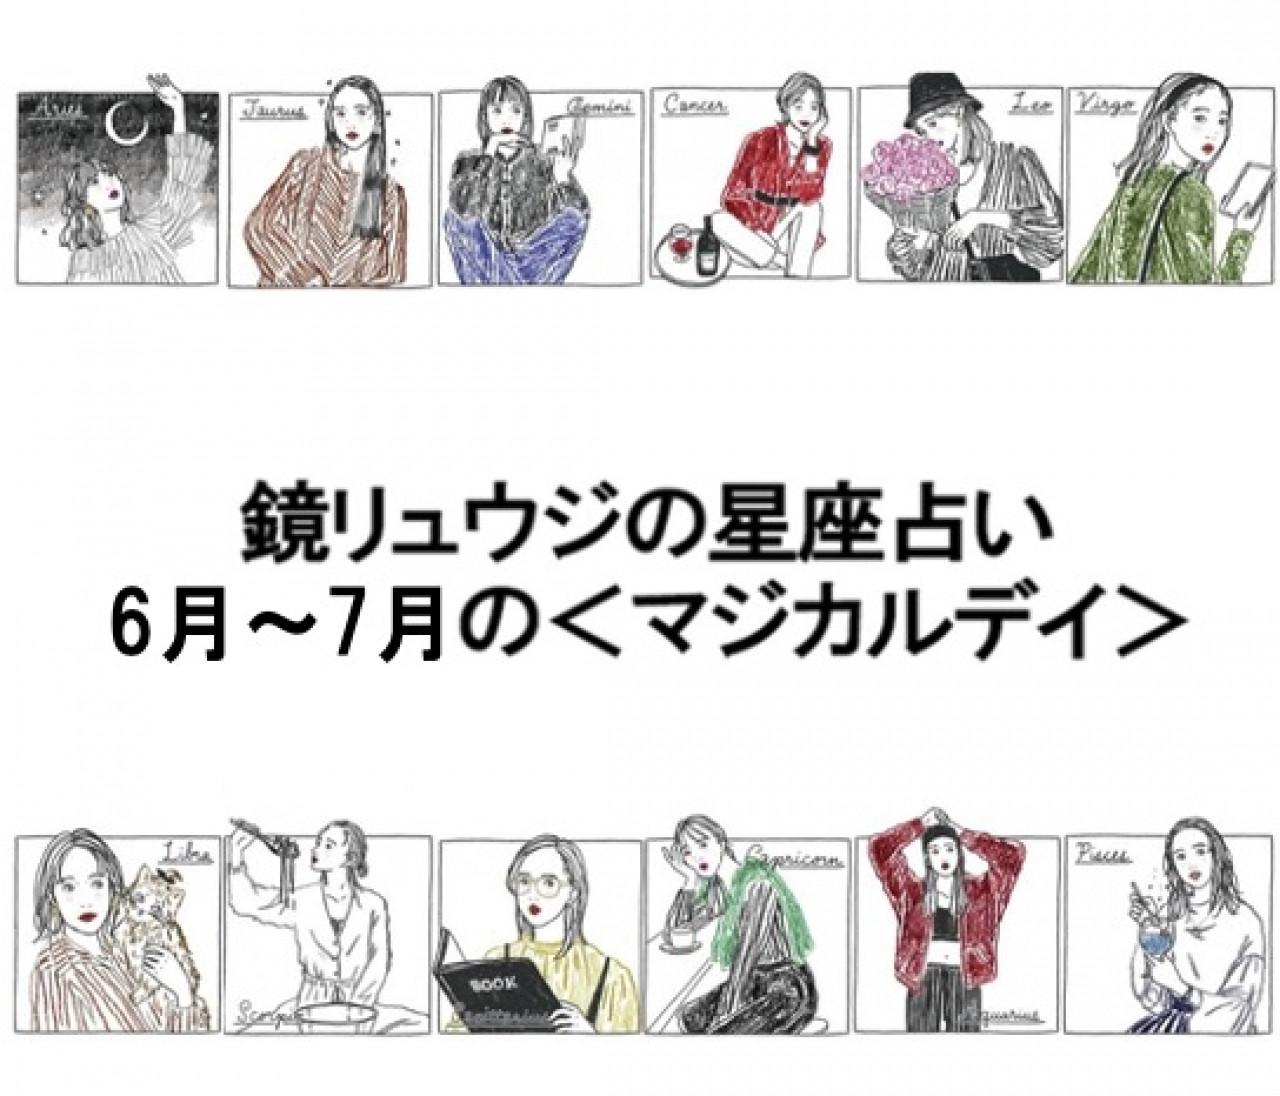 【鏡リュウジの星座占い】6月~7月の<マジカルデイ>に注目!